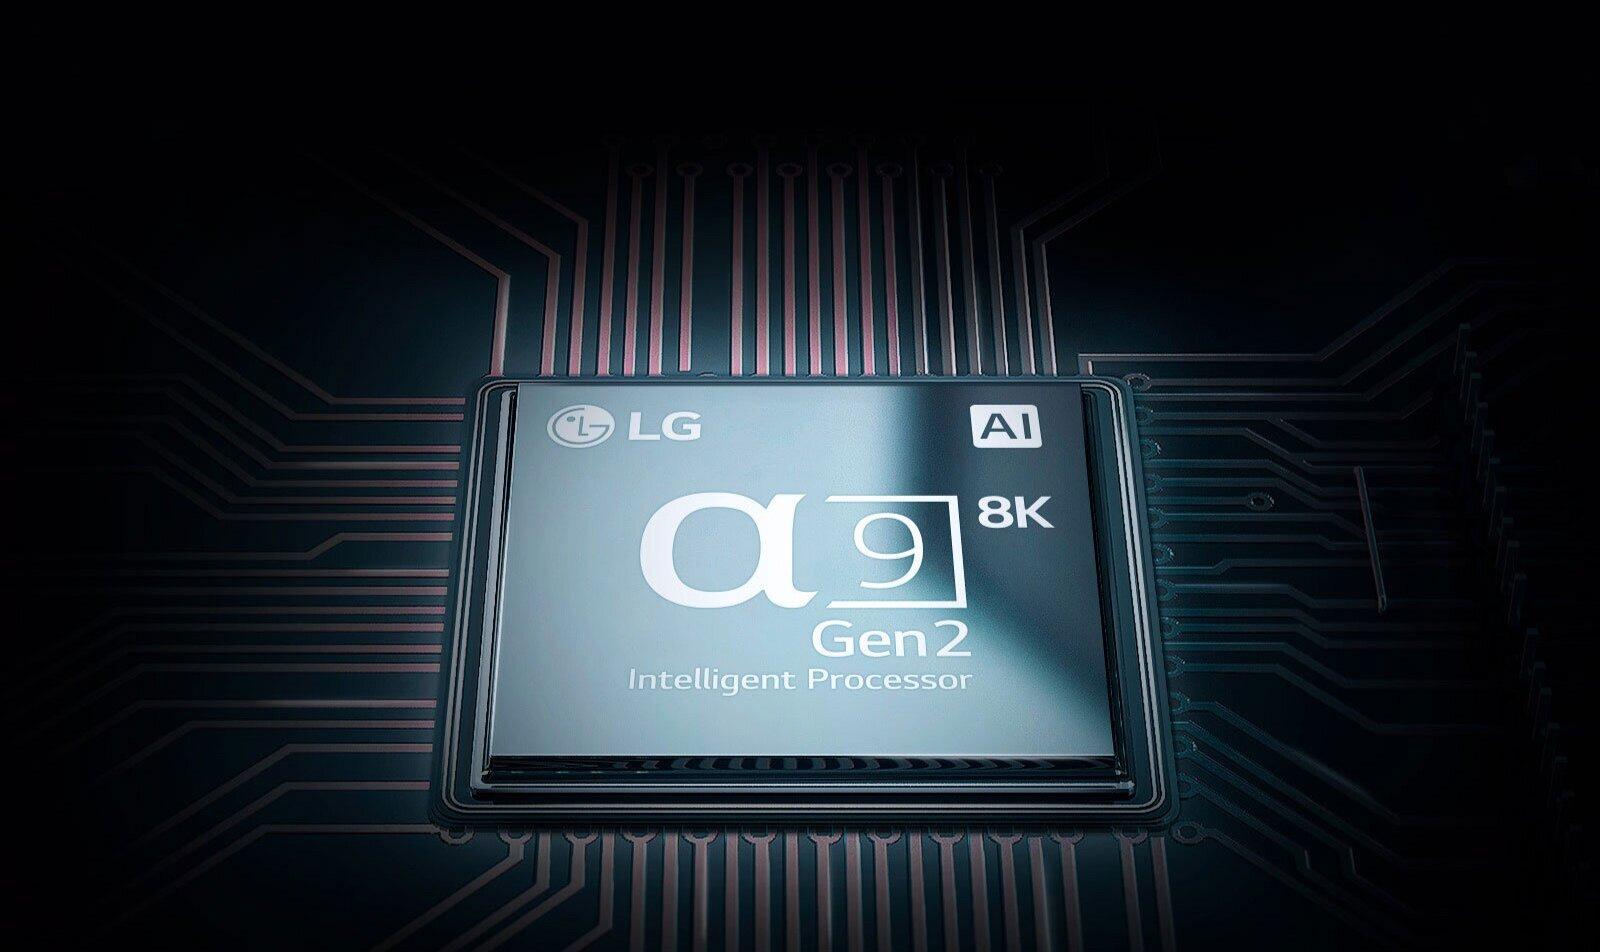 α9 Gen 2 Intelligent Processor 8K - The AI algorithm analyses the image quality of content to optimise the resolution for 8K. Enjoy improved clarity, sharpness, detail, and contrast with everything you watch.